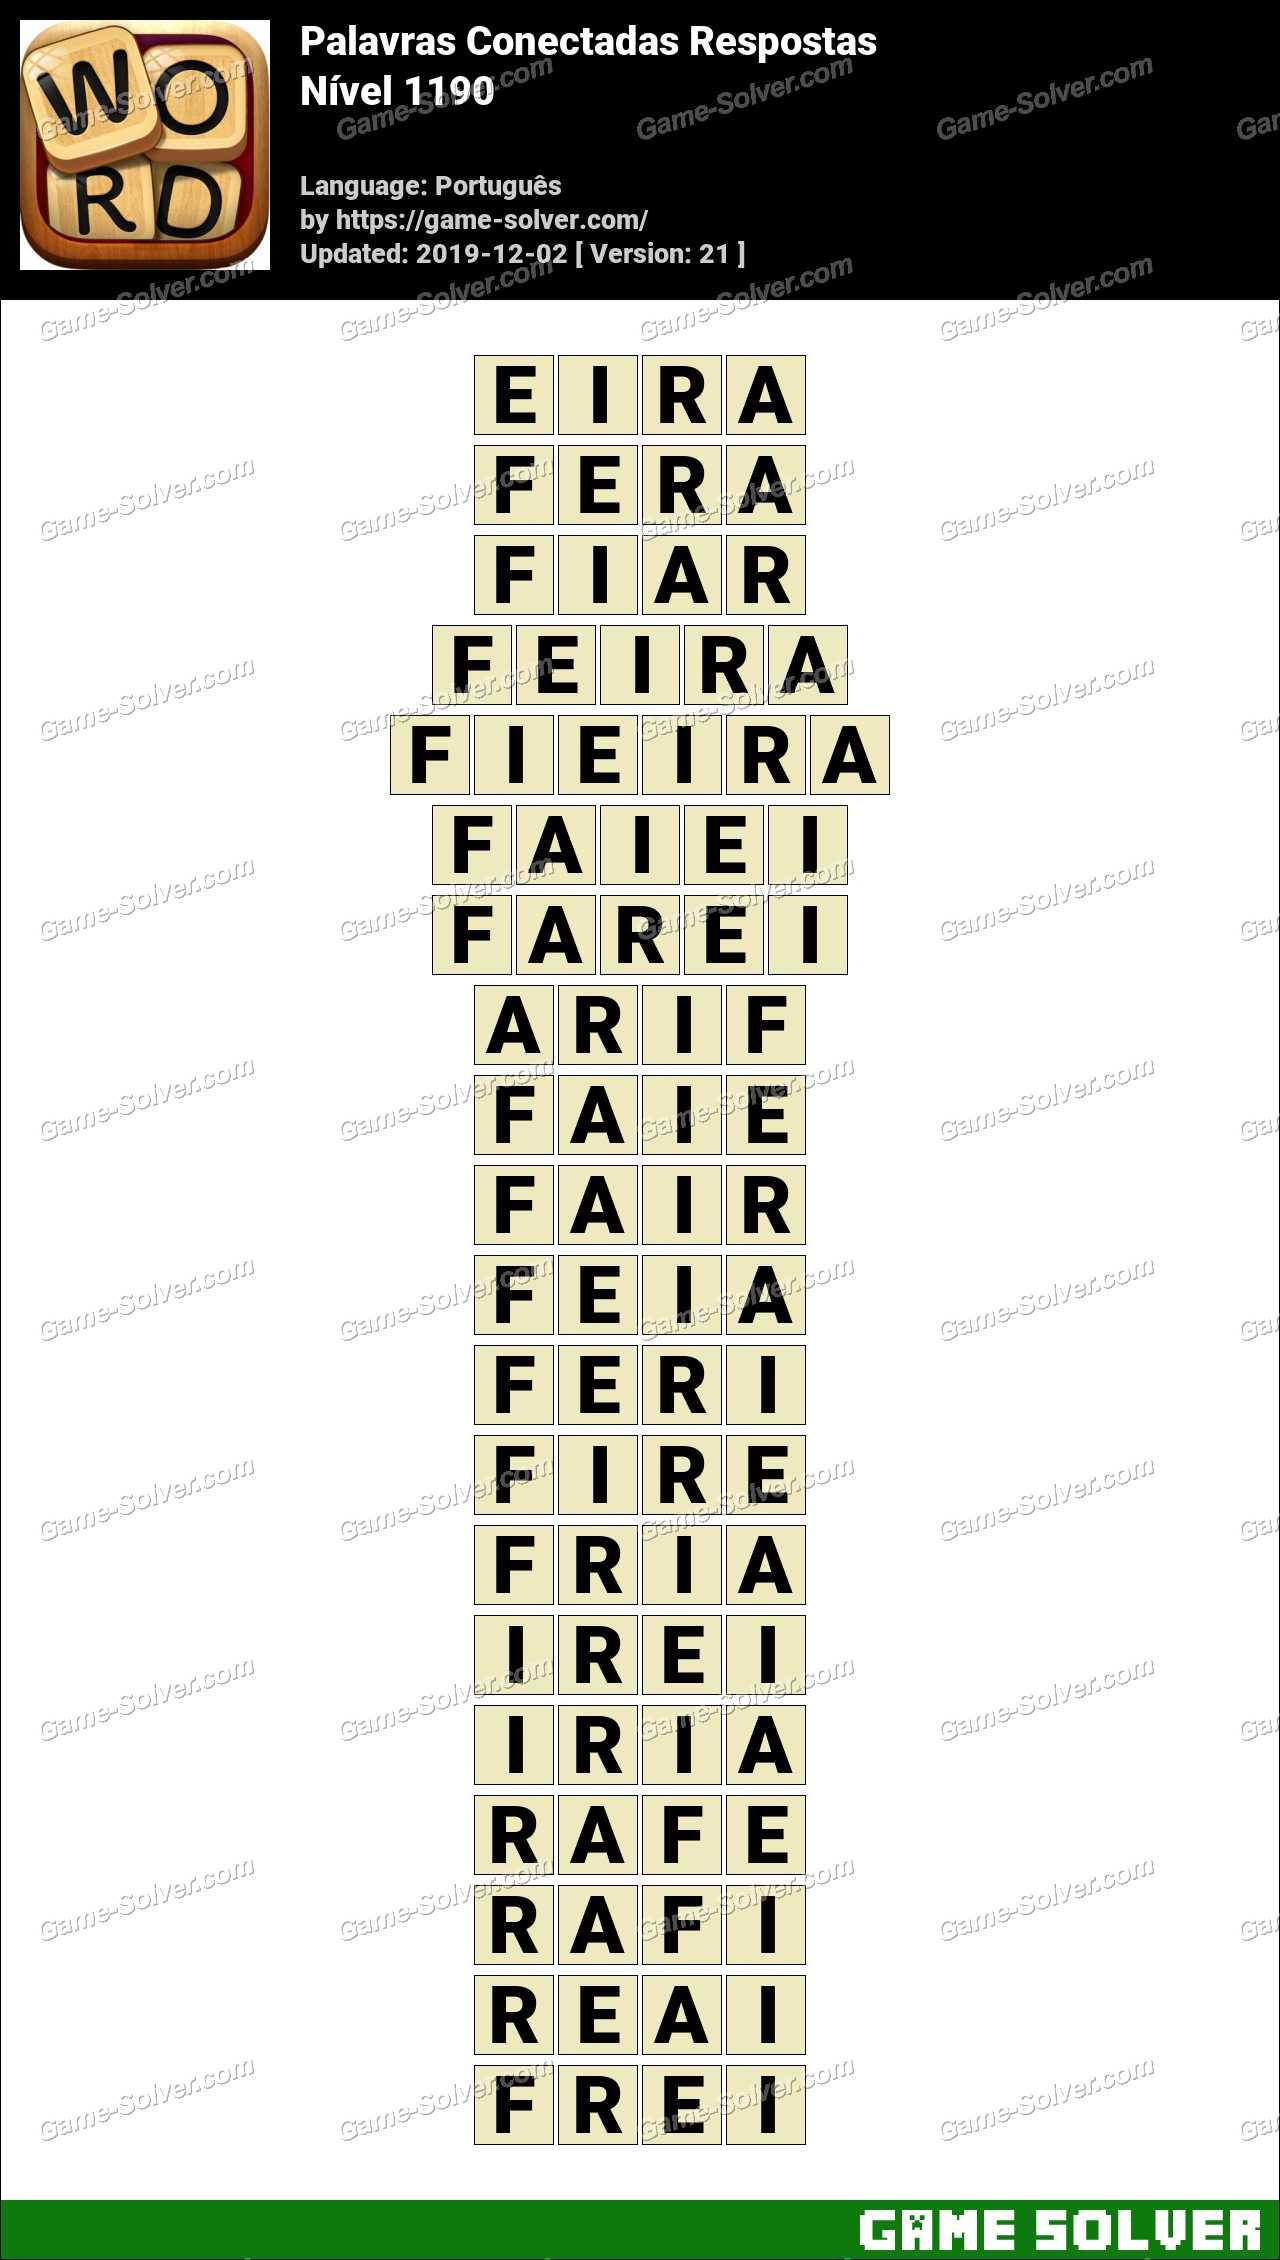 Palavras Conectadas Nivel 1190 Respostas